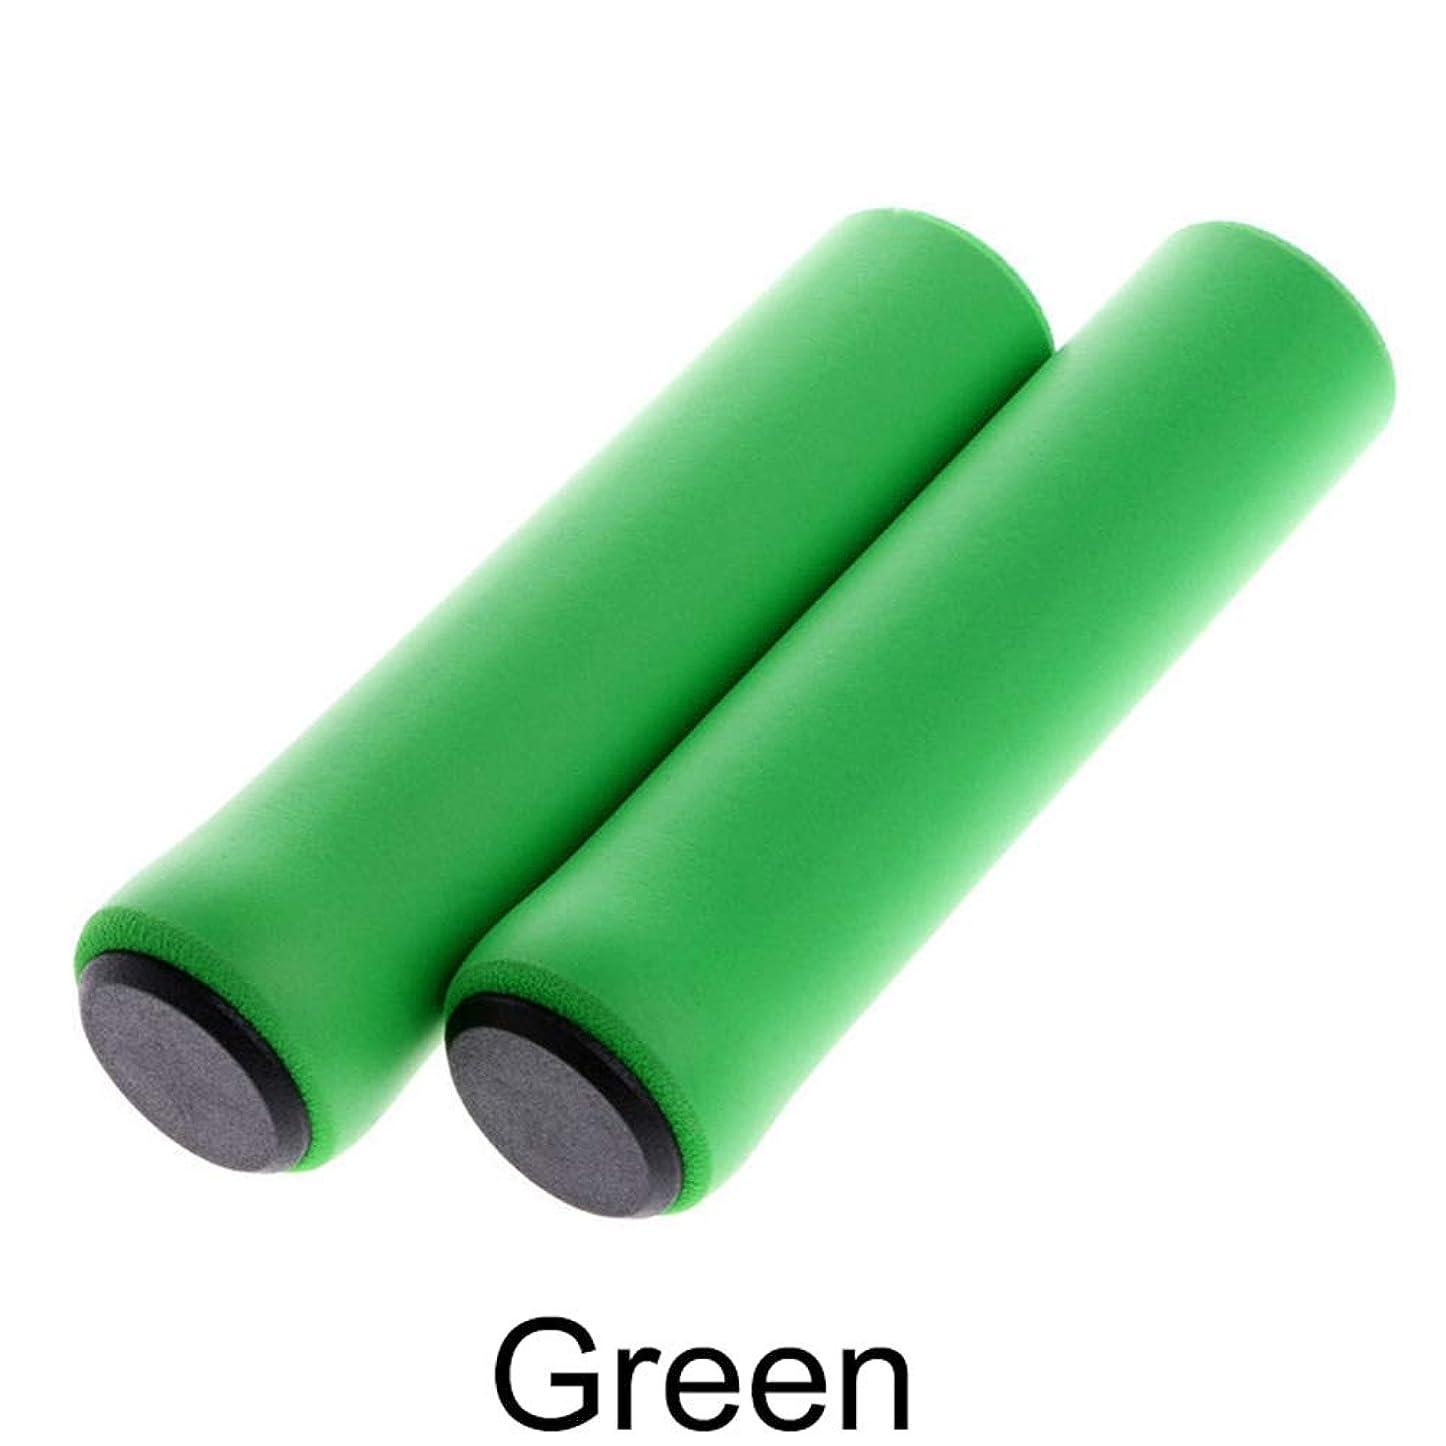 シェア彼ら忌まわしいPYDD 1Pairシリコーンサイクリング自転車グリップアウトドアMTBマウンテンバイクハンドルグリップカバー滑り止めの強力なサポートグリップバイクパート (Color : Green)